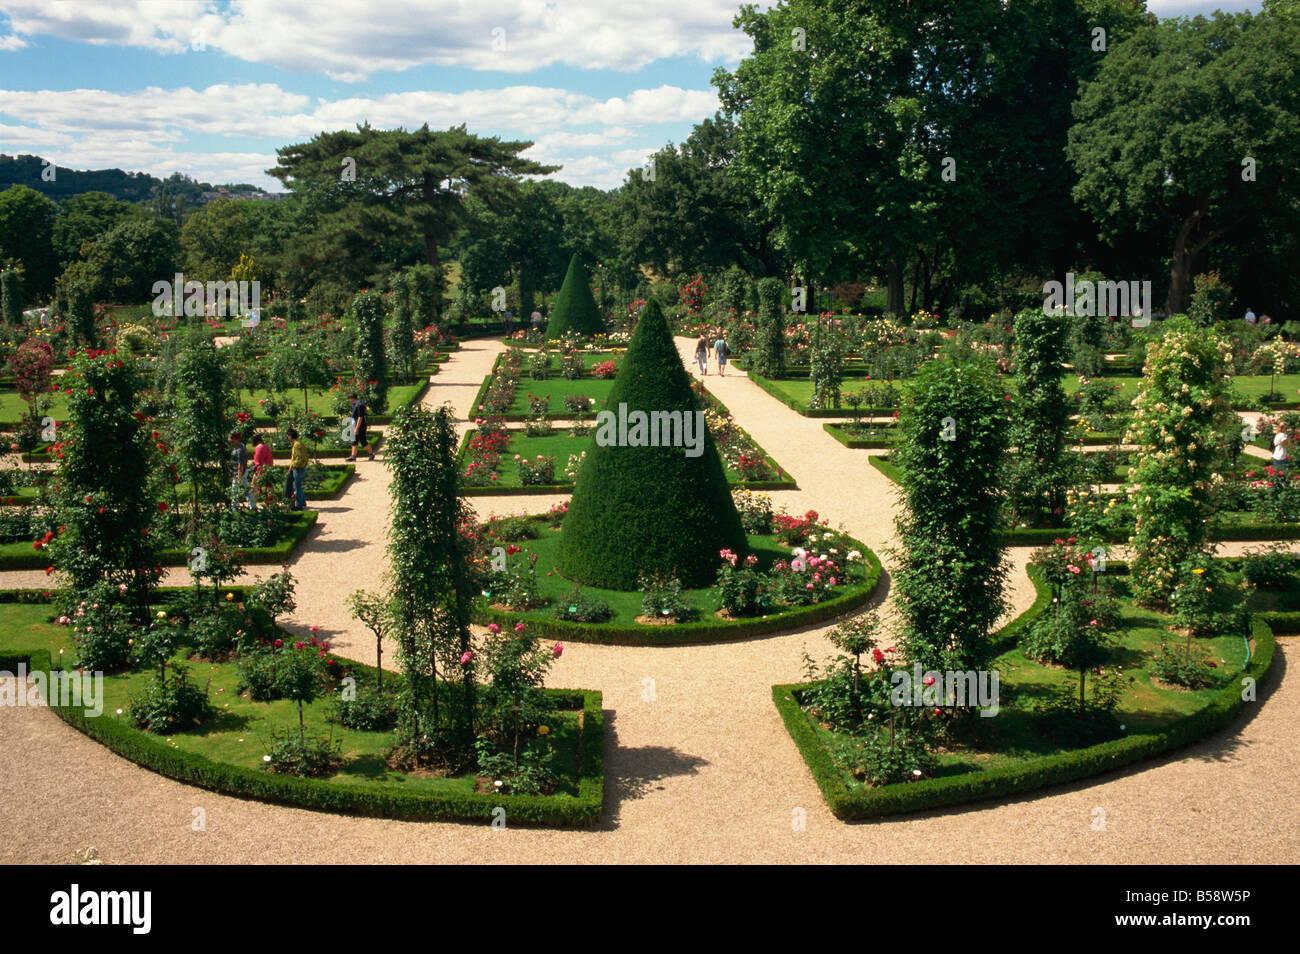 Bagatelle rose garden Bois de Boulogne Paris France Europe - Stock Image